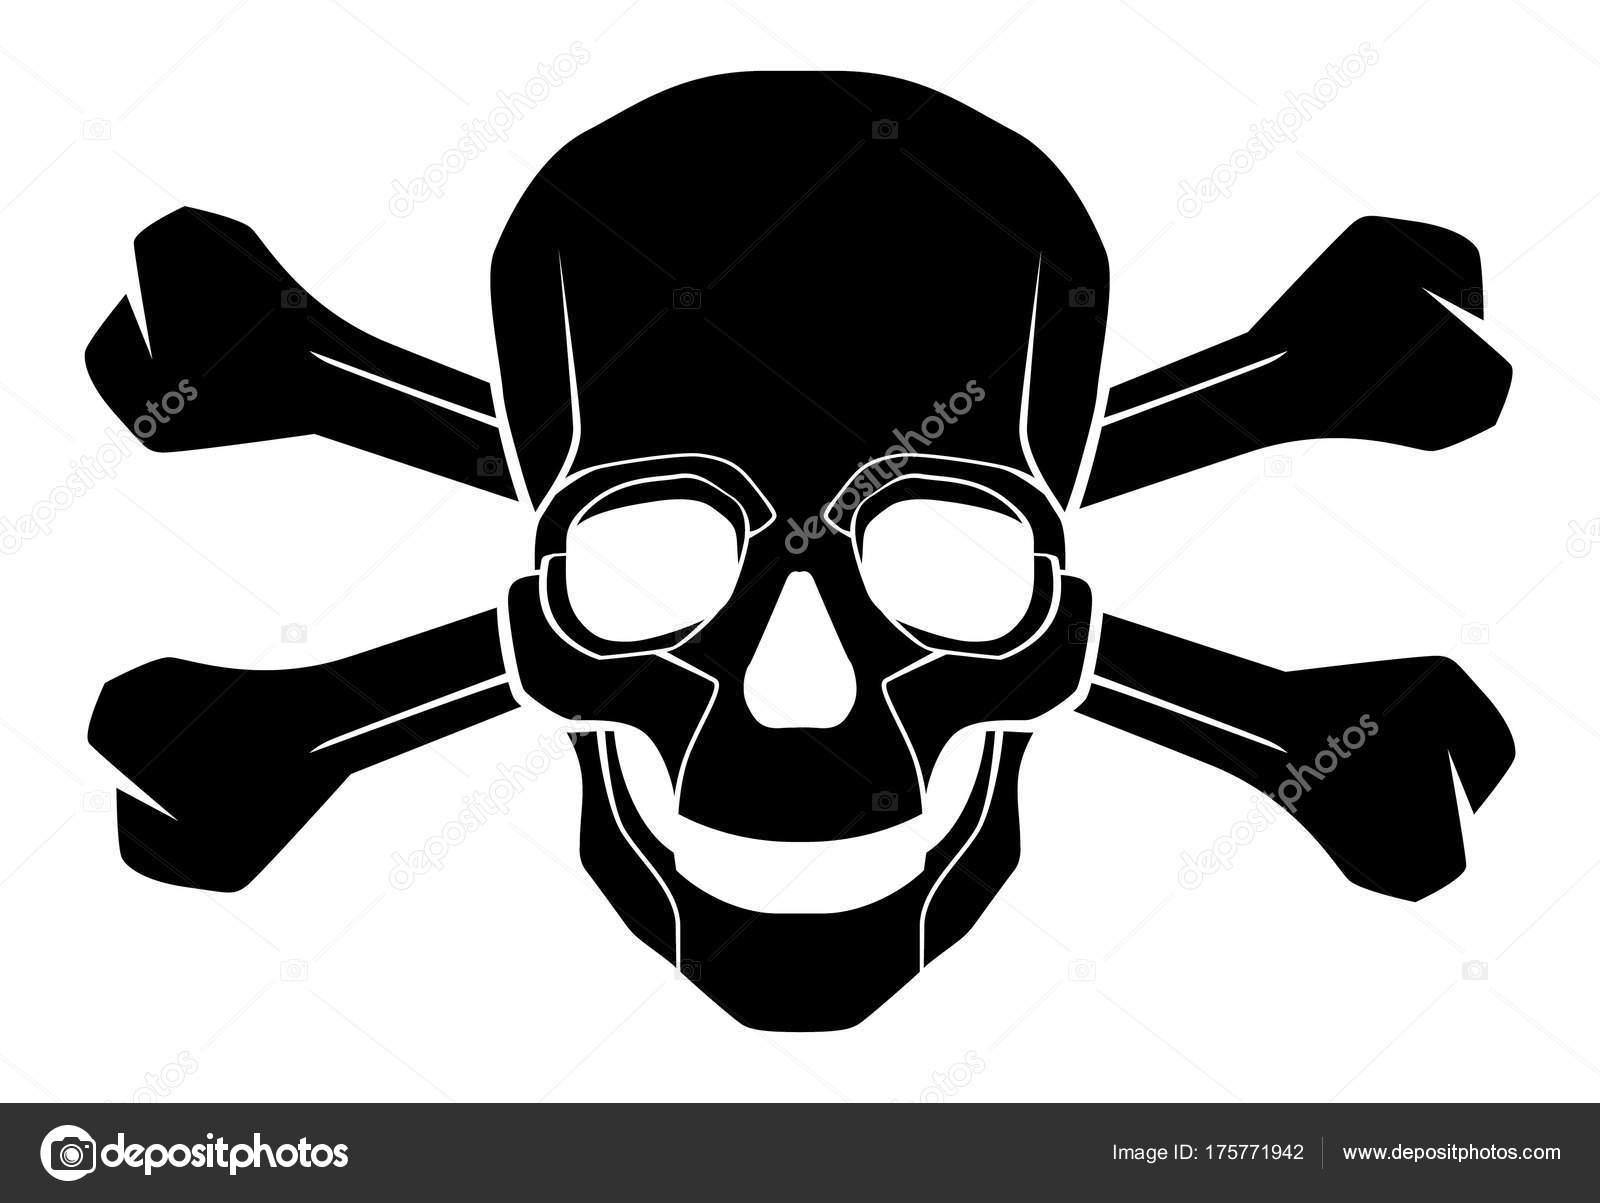 Zwart Wit Skull Crossbones Stock Illustratie Stockvector